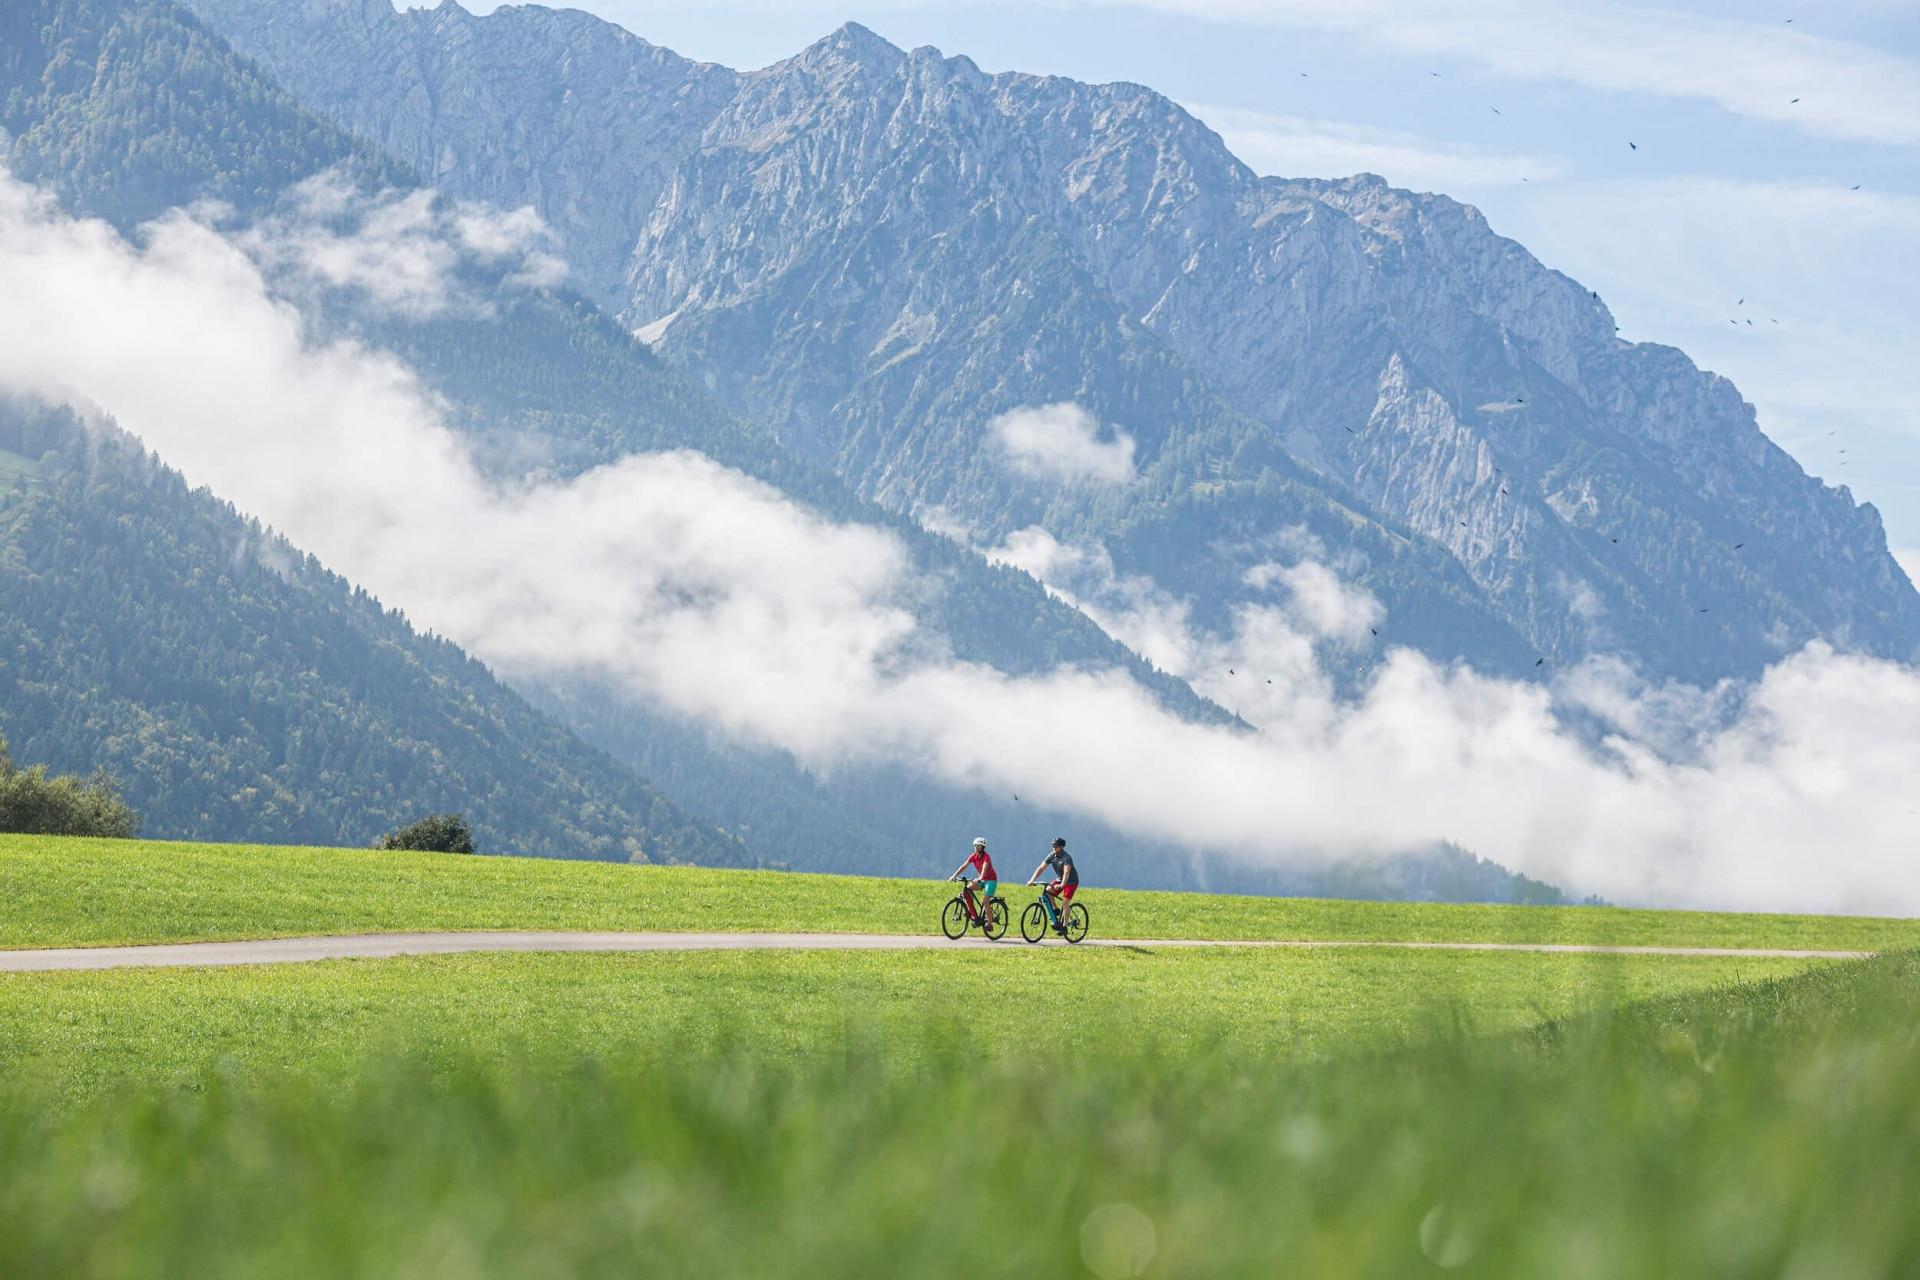 Gemütliche Radtour im Kaiserwinkl in Tirol